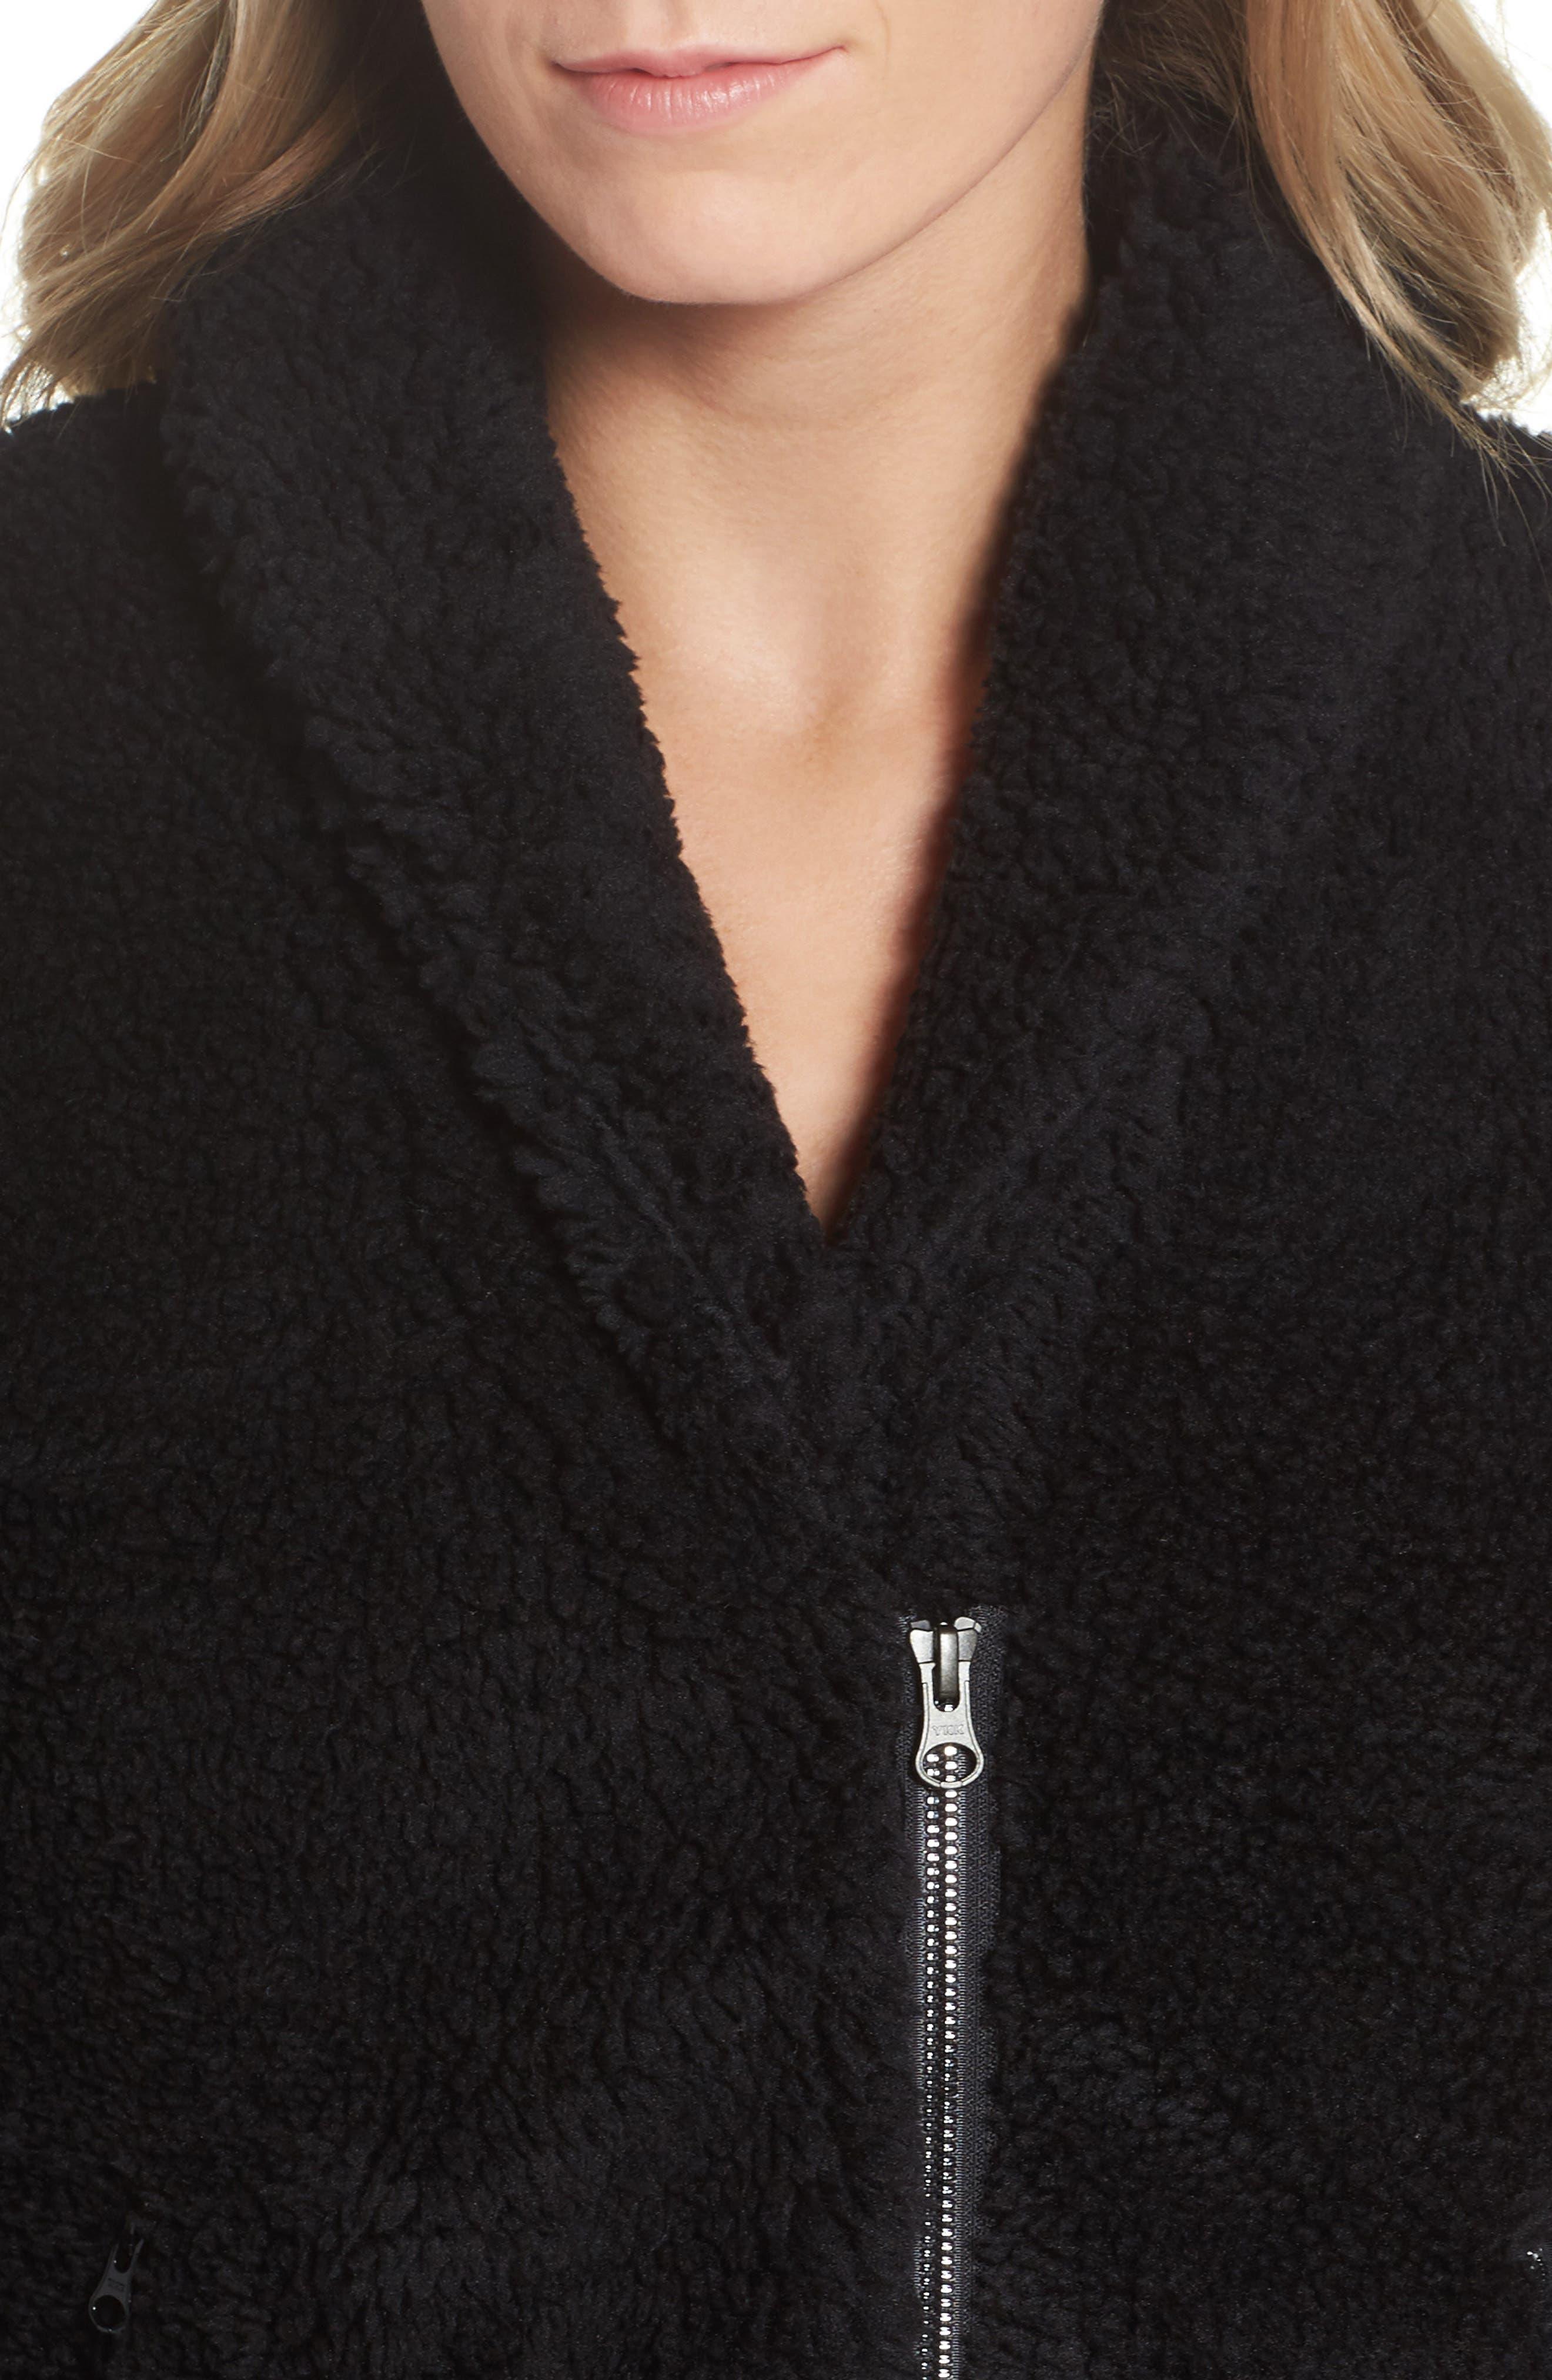 Cozy Up Faux Fur Crop Jacket,                             Alternate thumbnail 4, color,                             Black